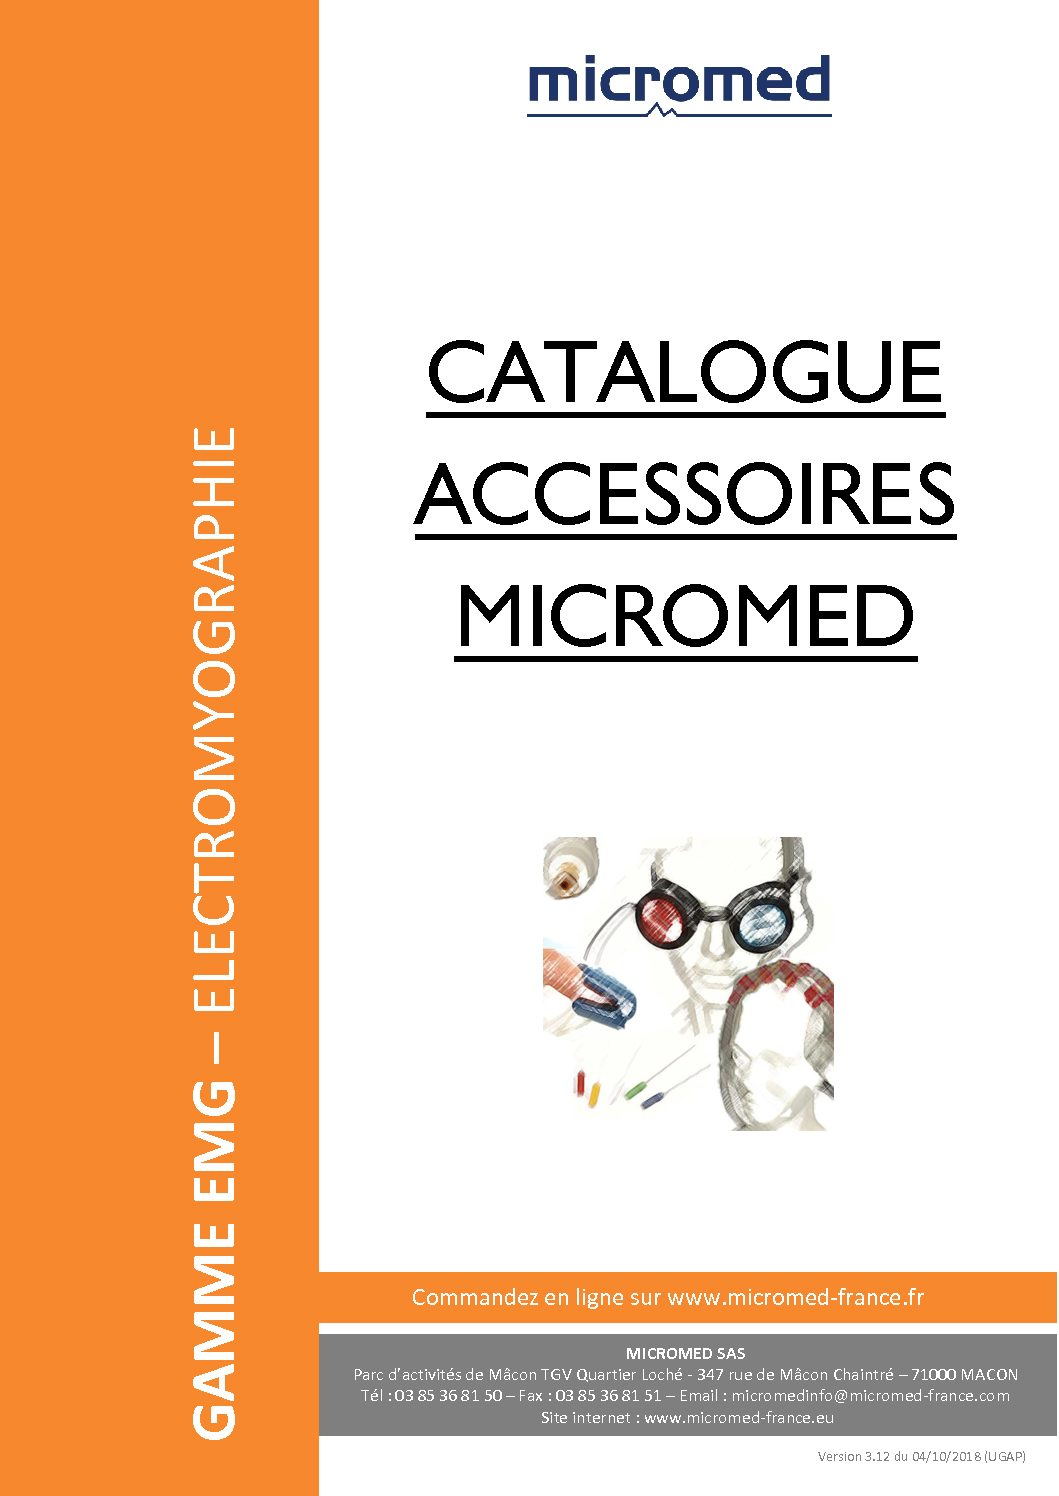 Supports Catalogues Catalogue accessoires EMG 1 pdf - Accessoires